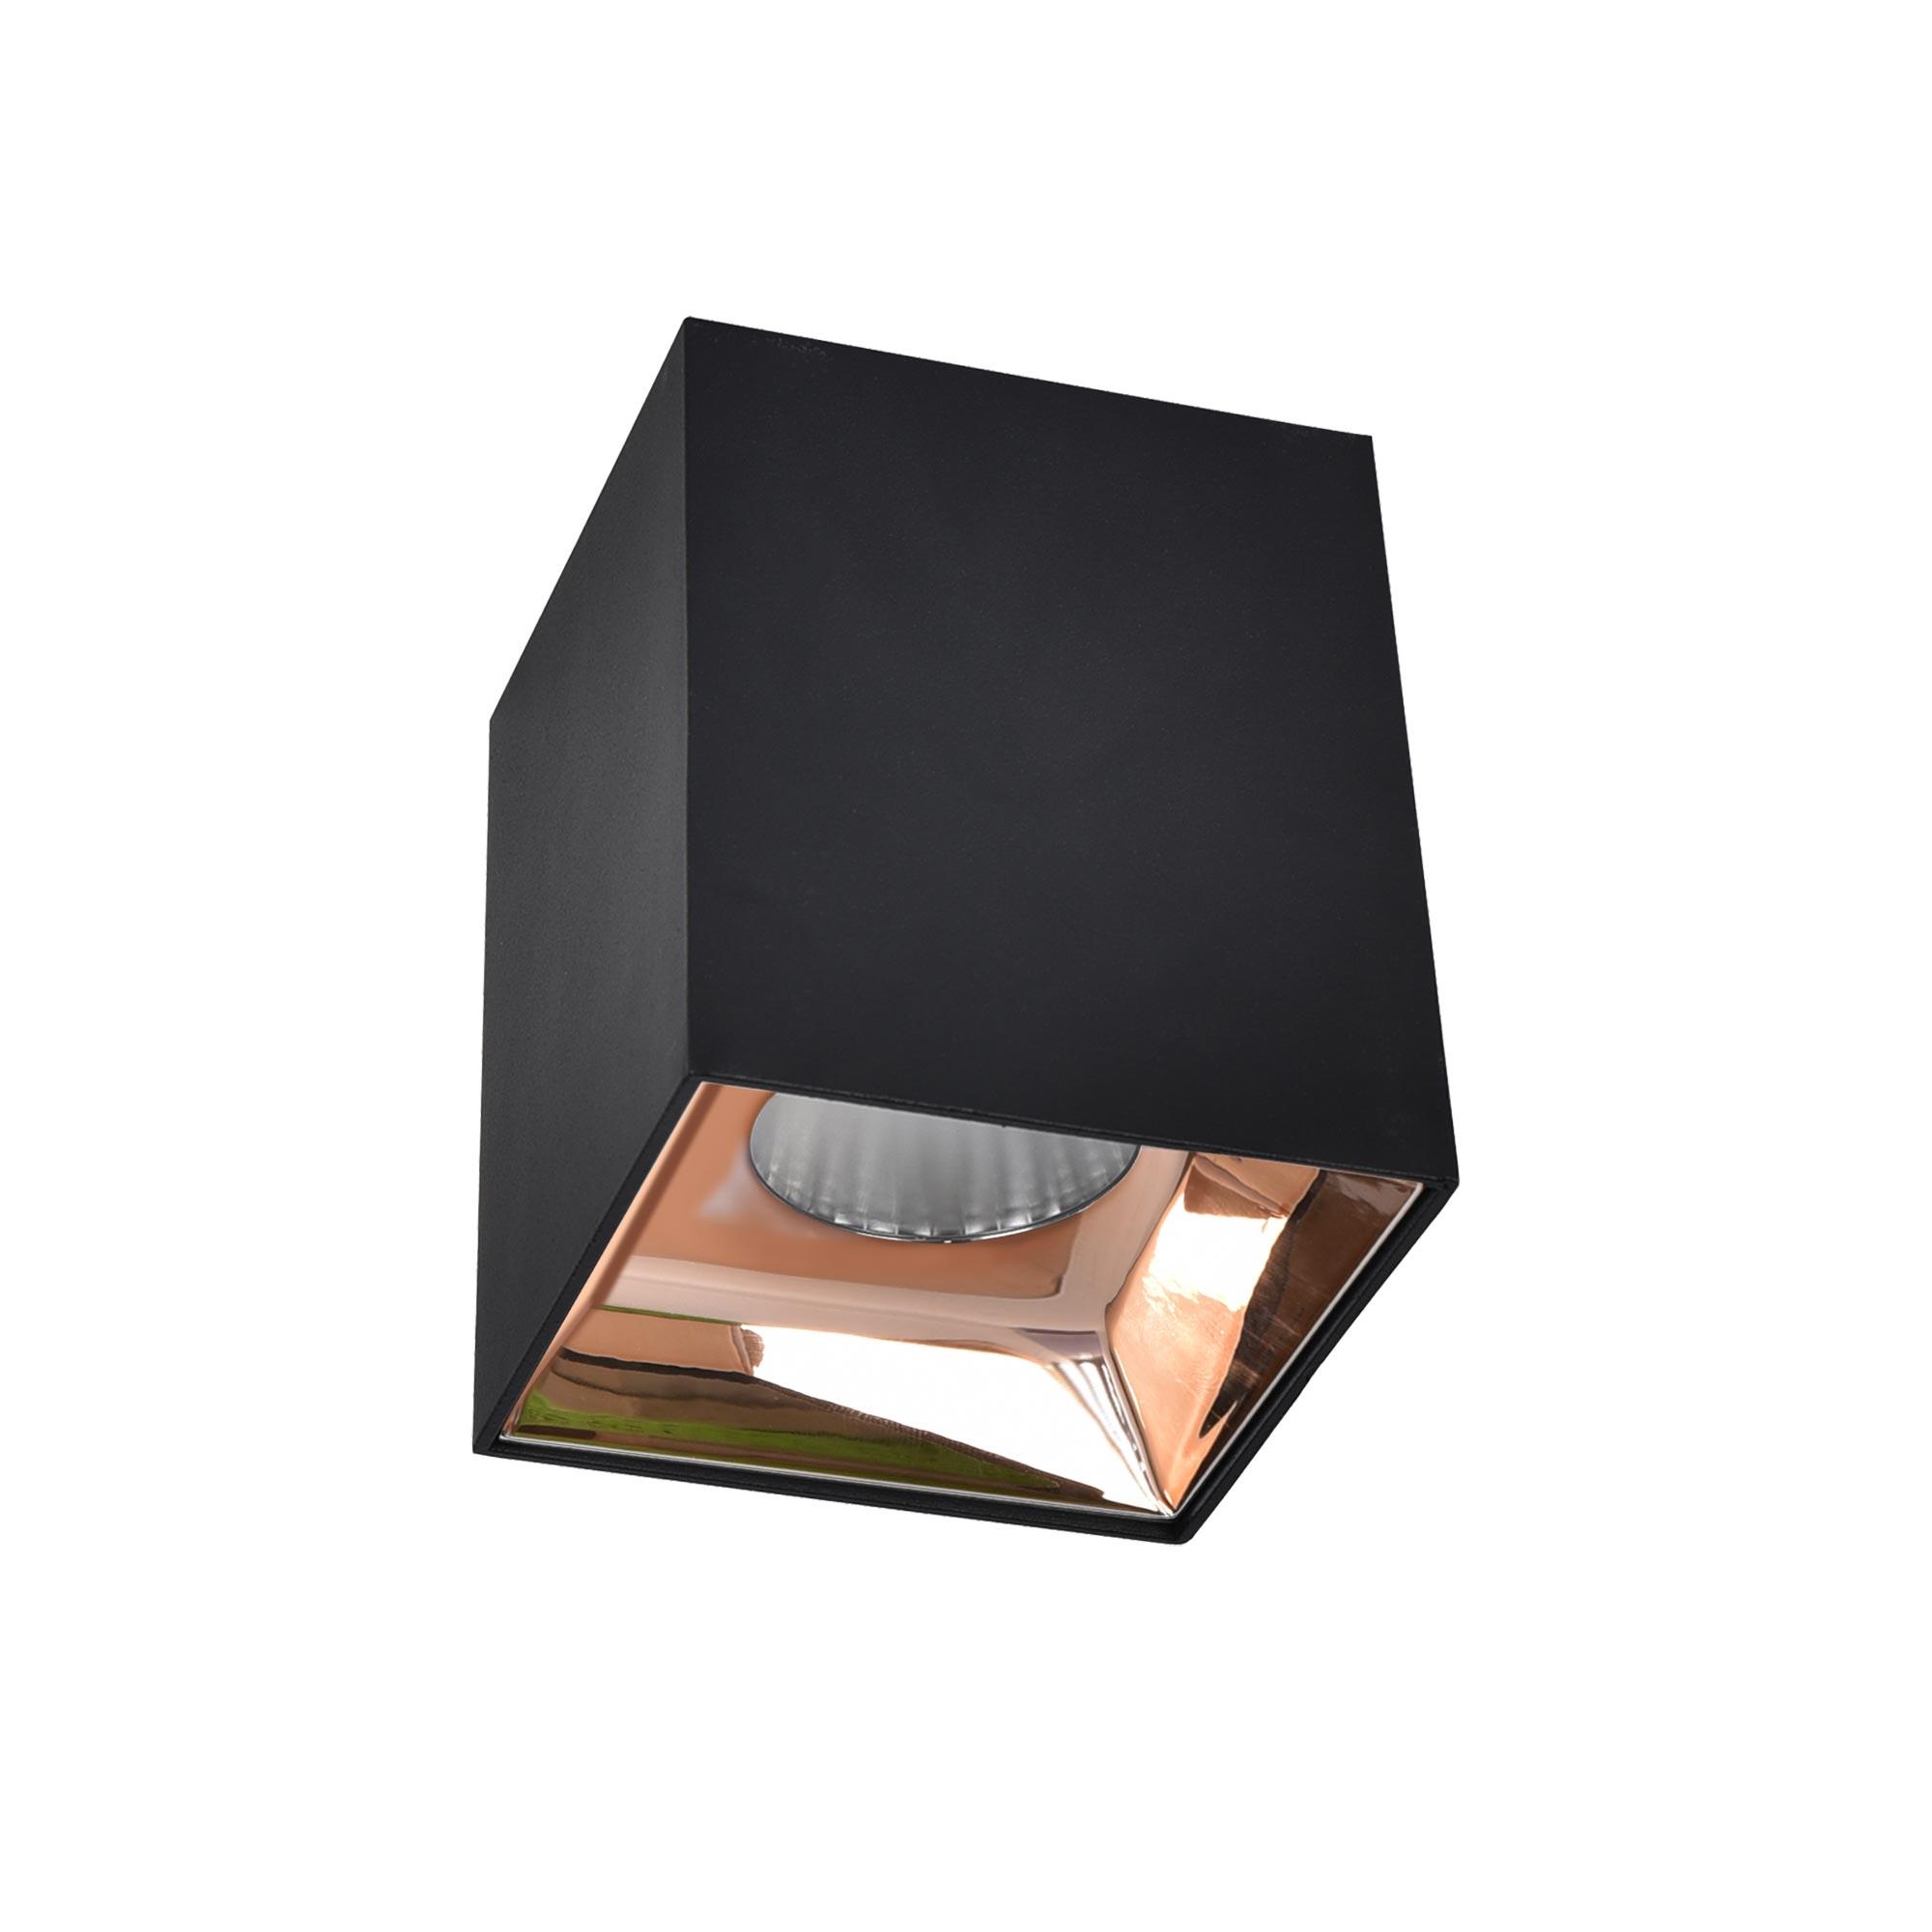 Настенно-потолочный светодиодный светильник Citilux cl7440213 старк 12wх3500k настенно потолочный светодиодный светильник citilux cl7440101 старк 12wх3500k